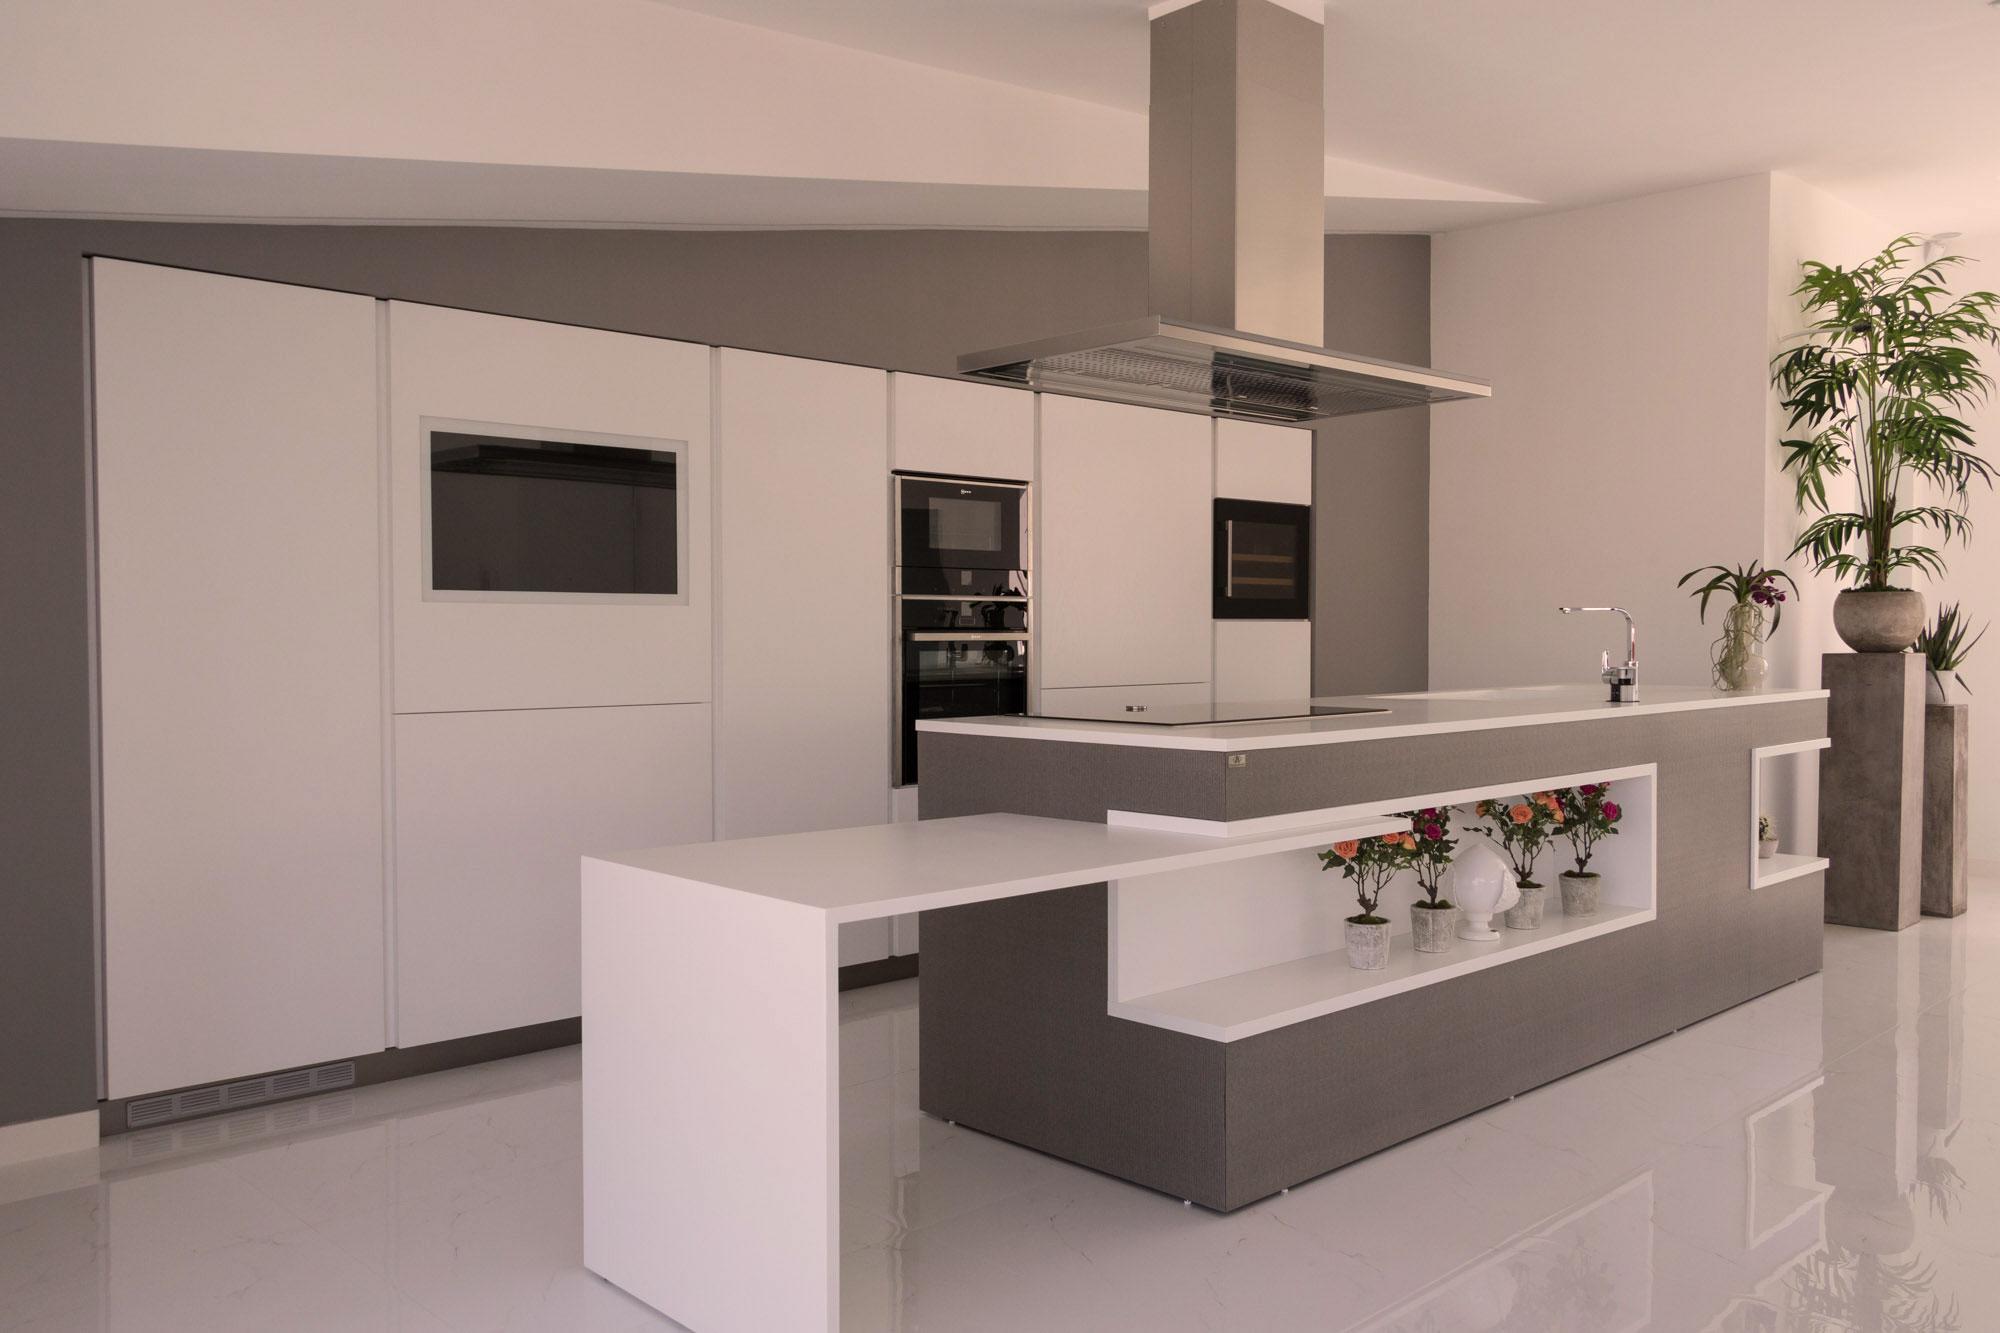 arredamenti-cucine-papacciuoli-caivano-napoli-011